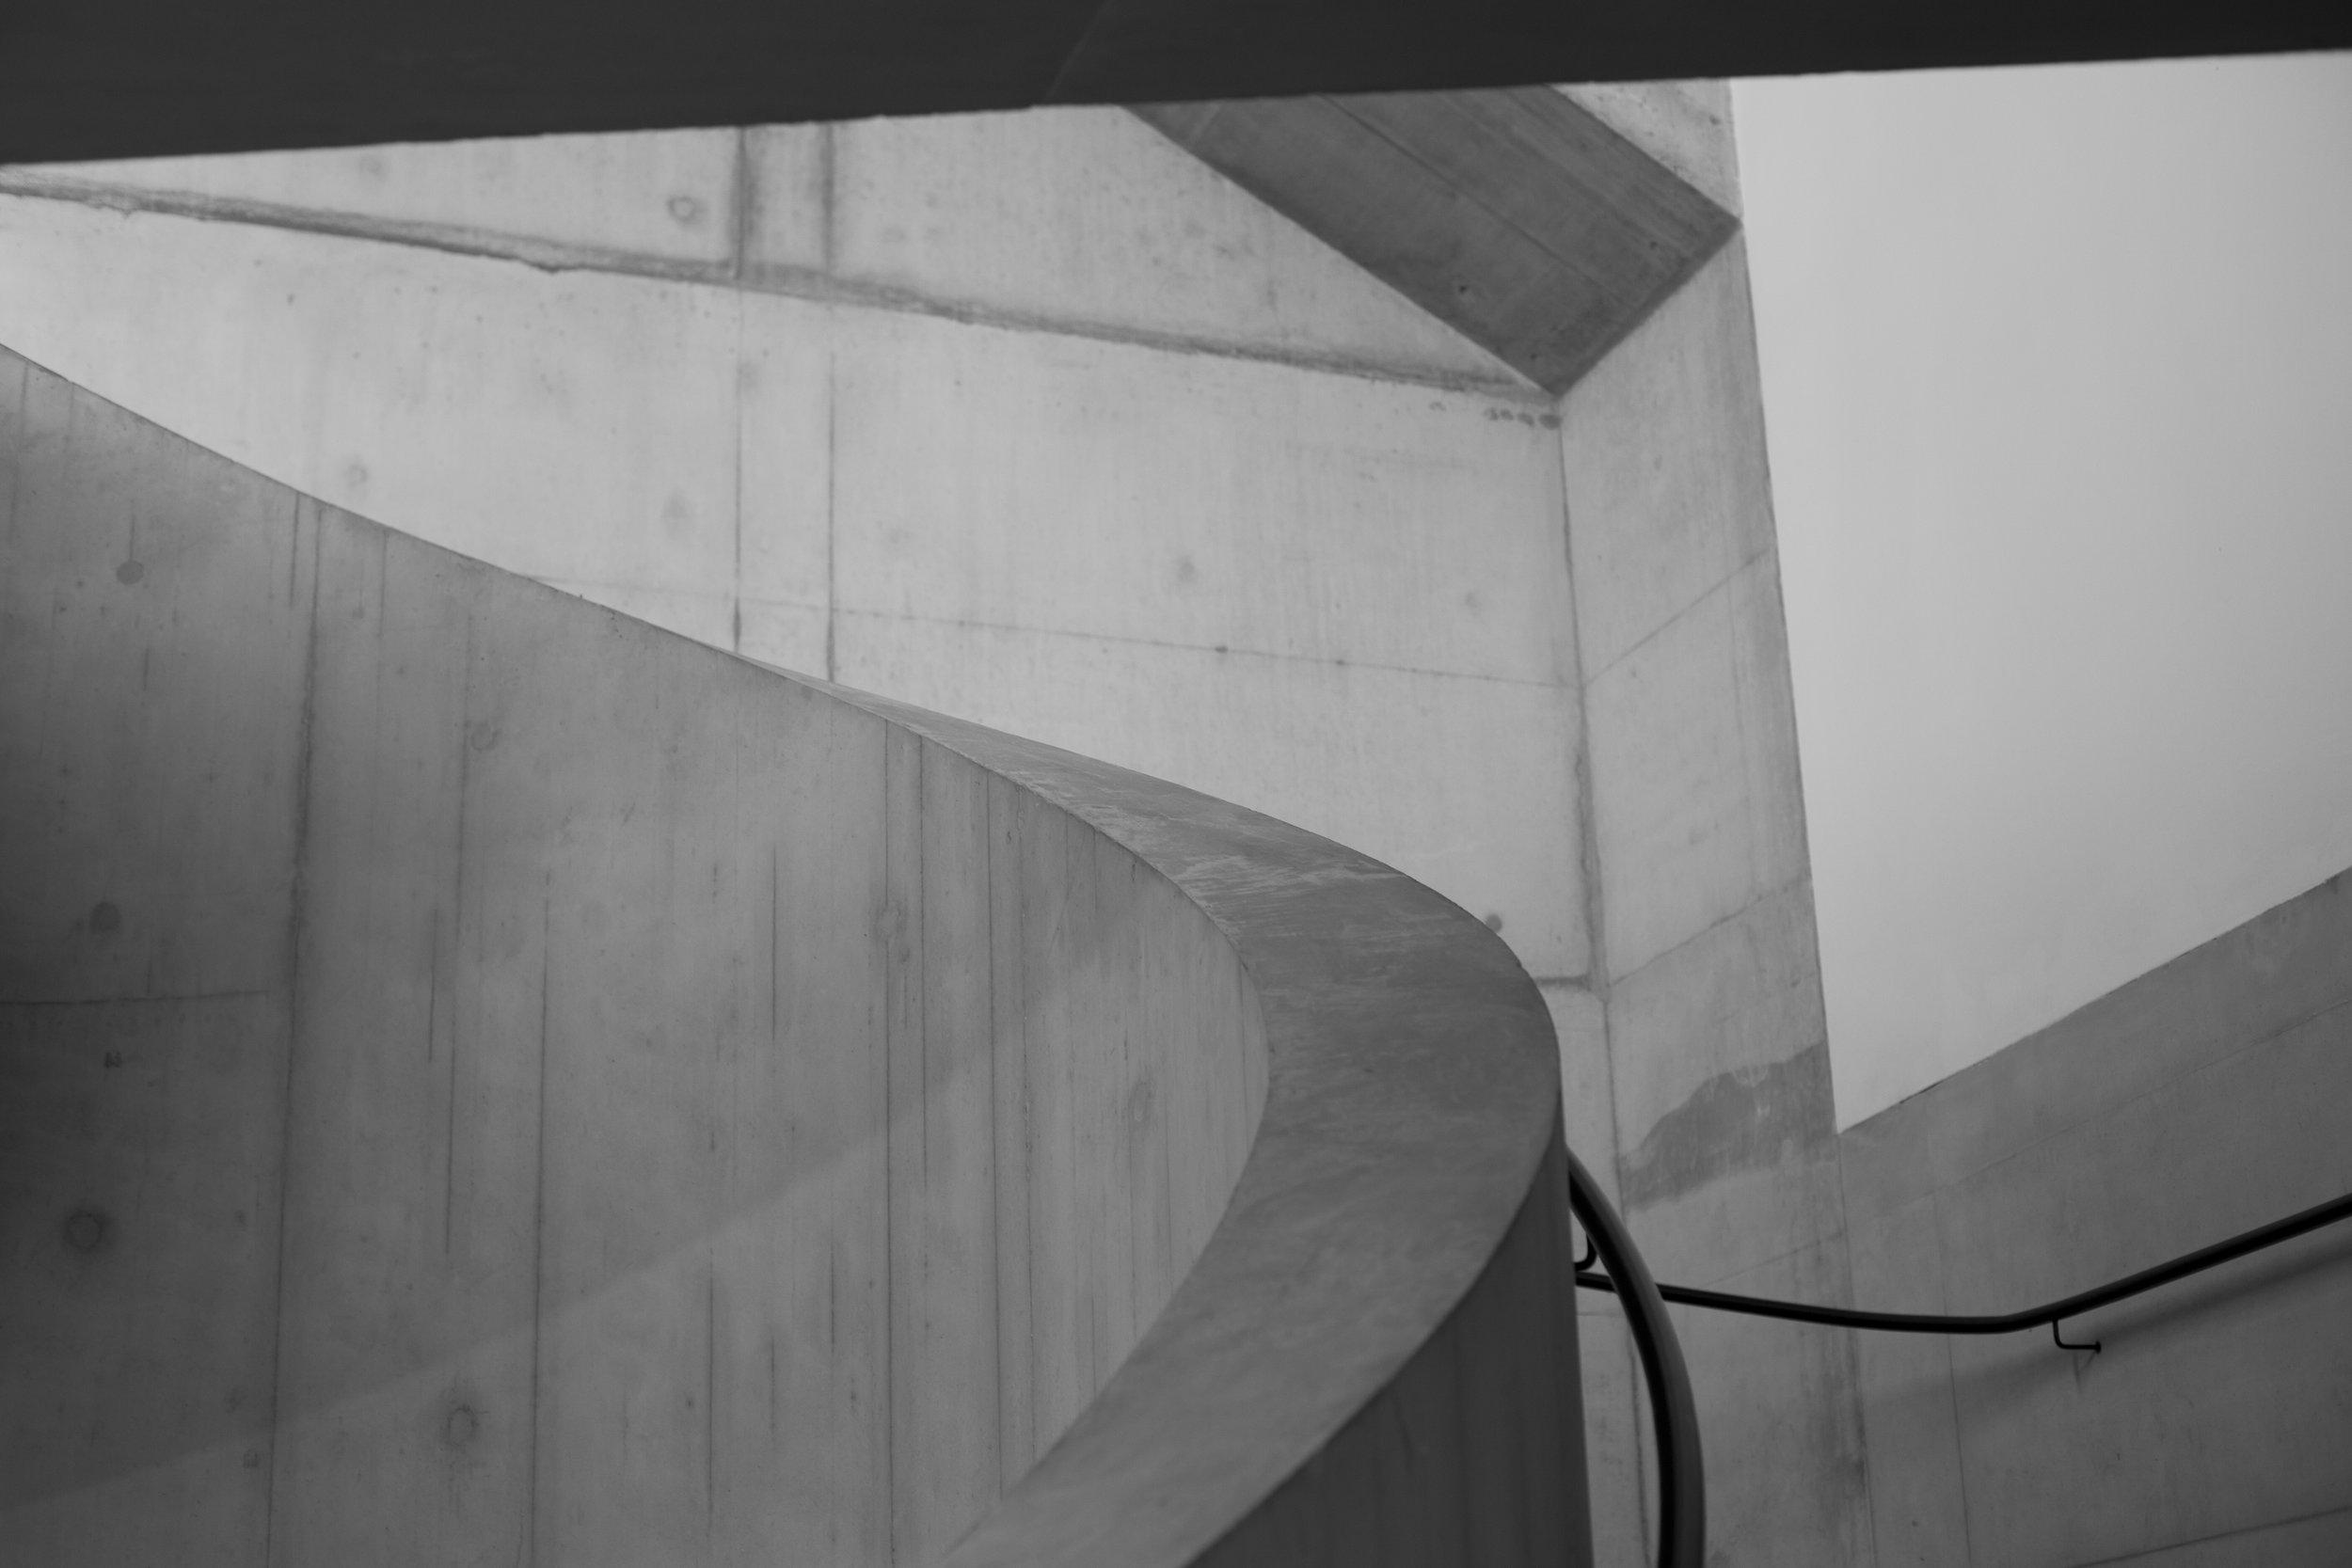 Tate Modern_1.jpg